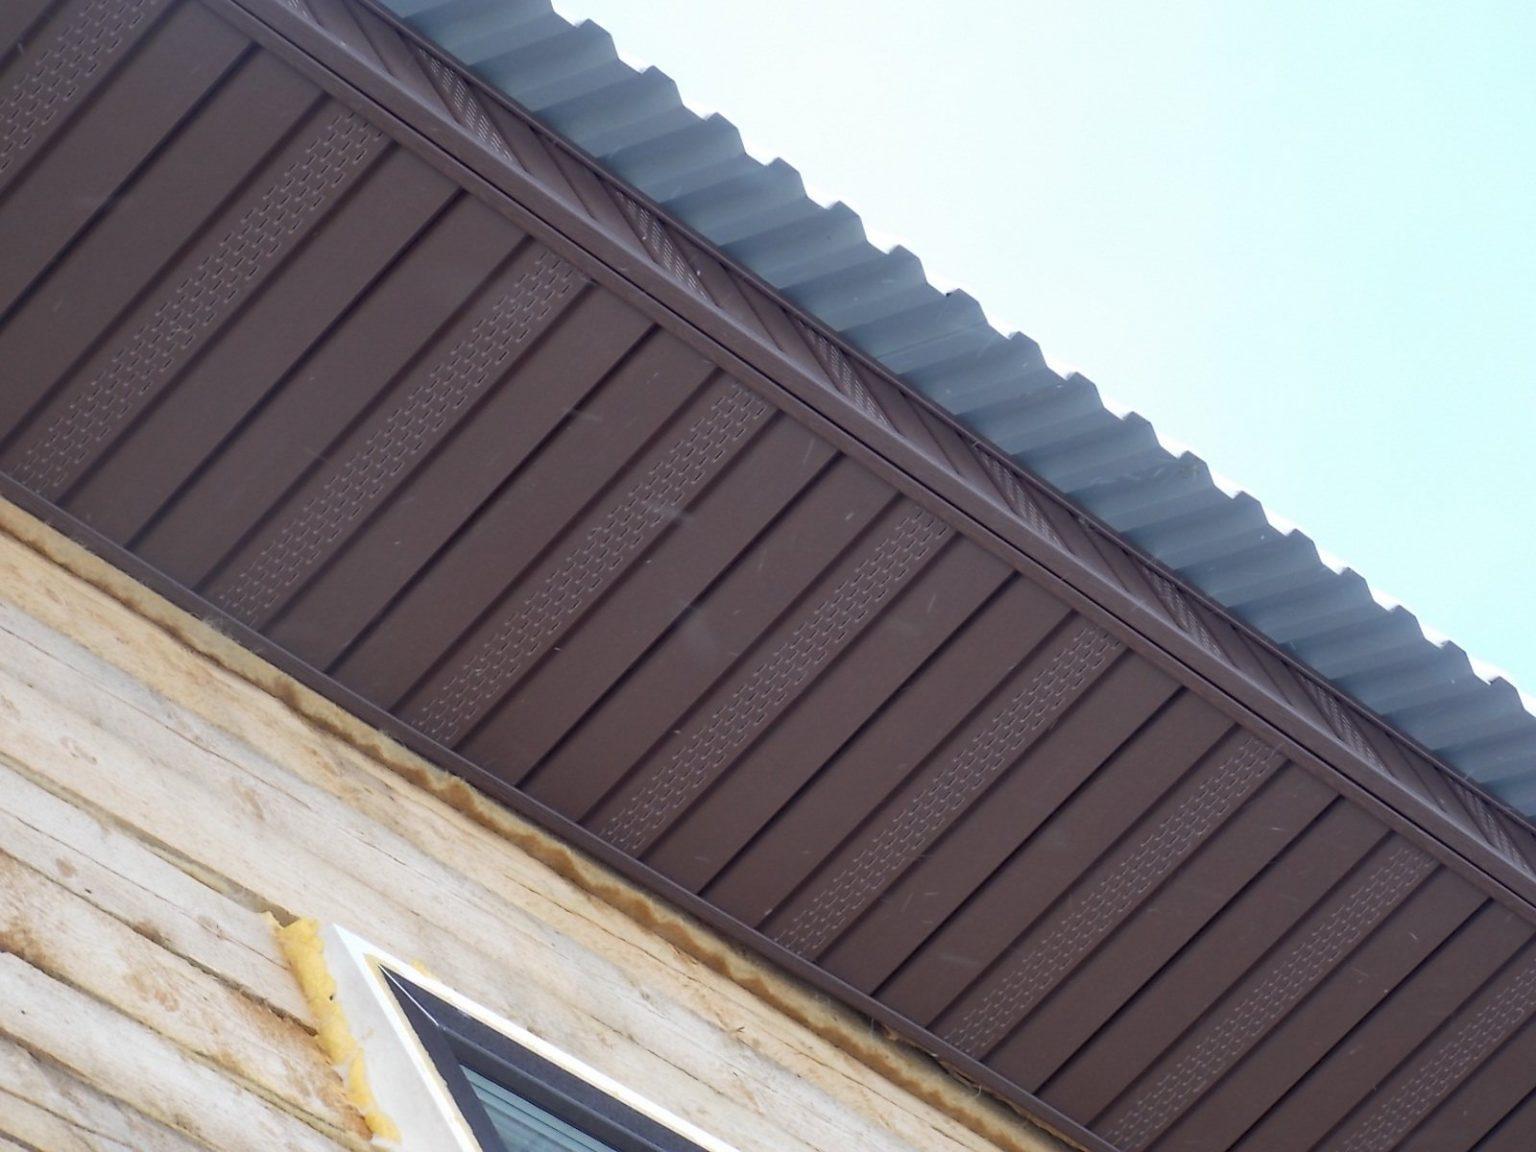 карнизы на крыше дома с профнастила фото биографии юрия долгорукого